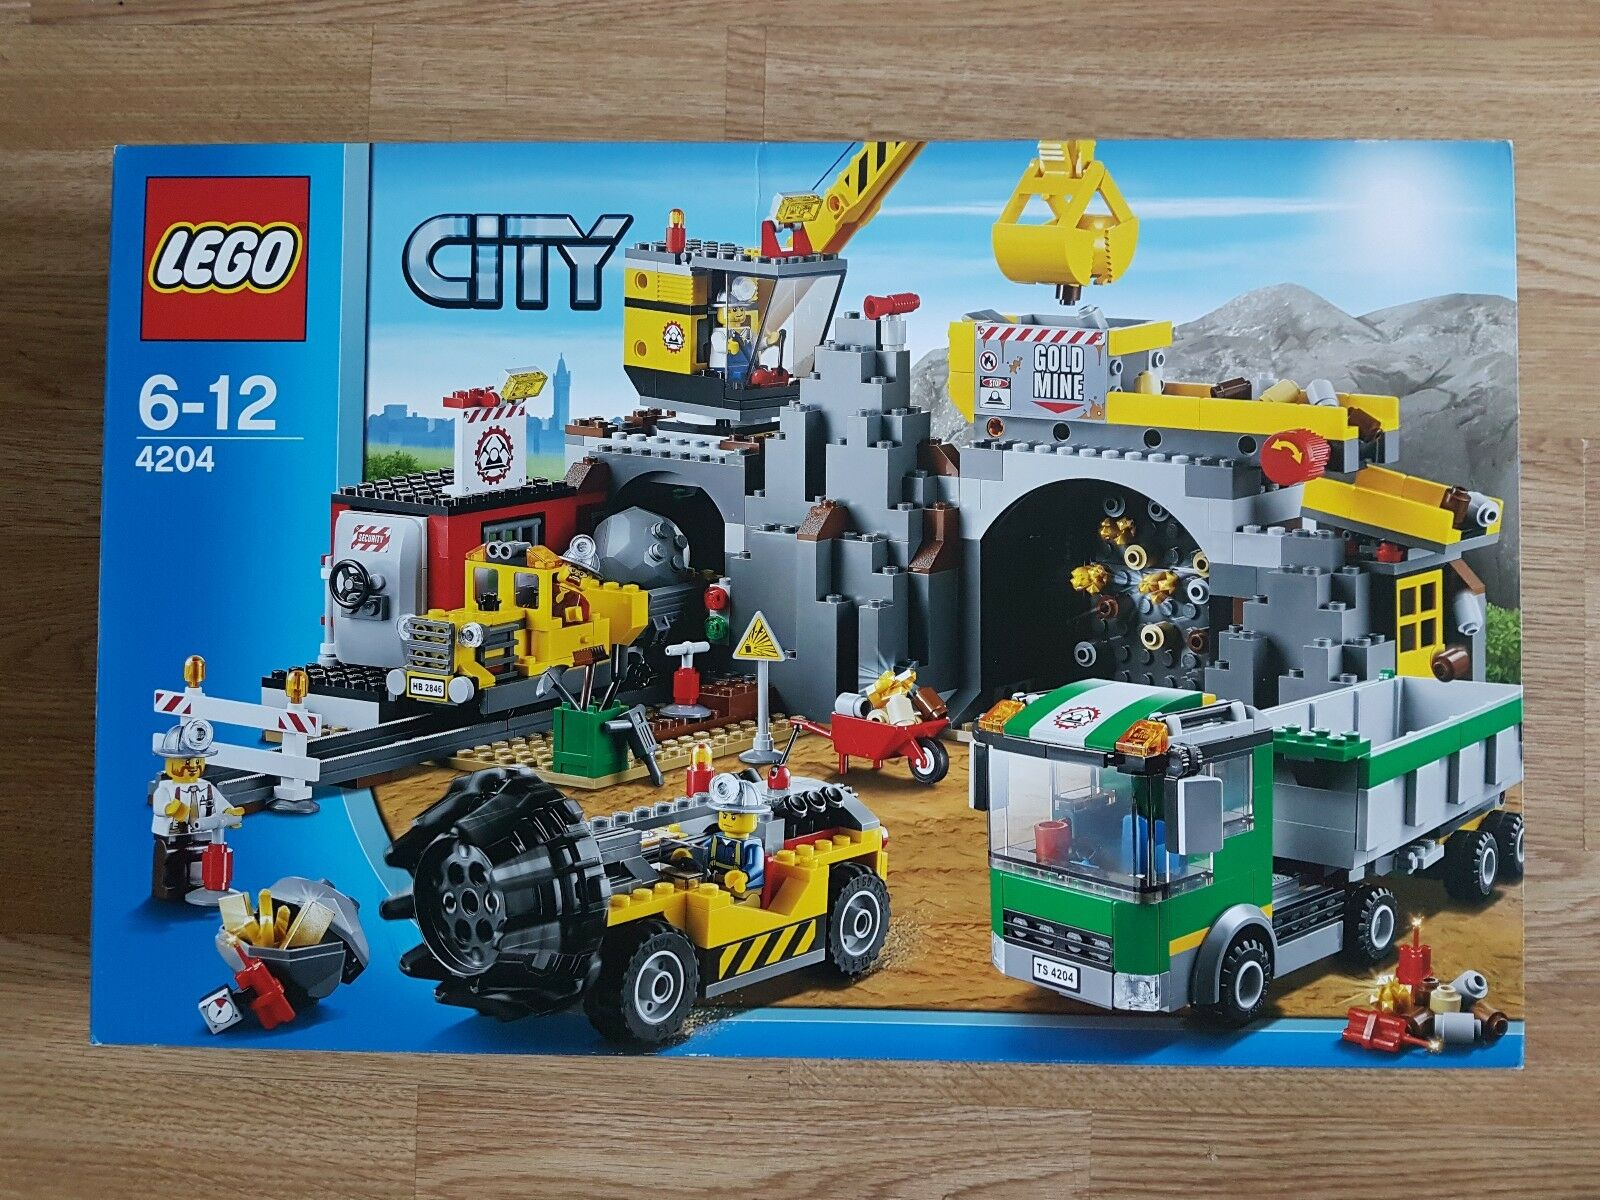 rivenditore di fitness LEGO città  la MINIERA MINIERA MINIERA (4204) BNISB  alta qualità generale